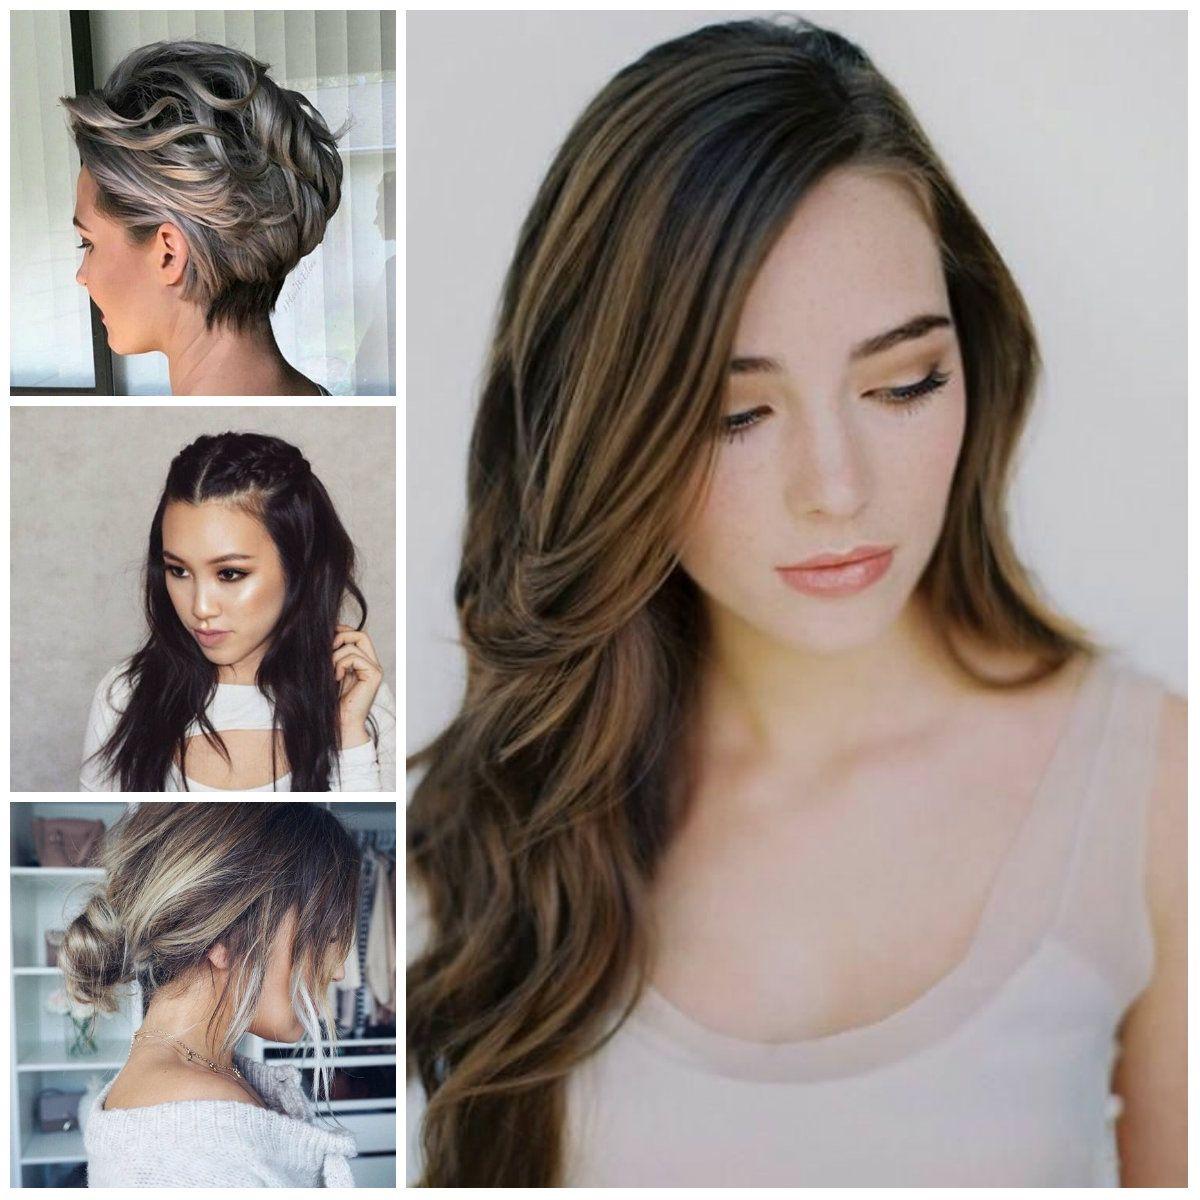 Interview Passende Frisuren Fur Beste Frisur Beste Frisuren Haarschnitte In 2020 Coole Frisuren Frisuren Haarschnitte Geflochtene Frisuren